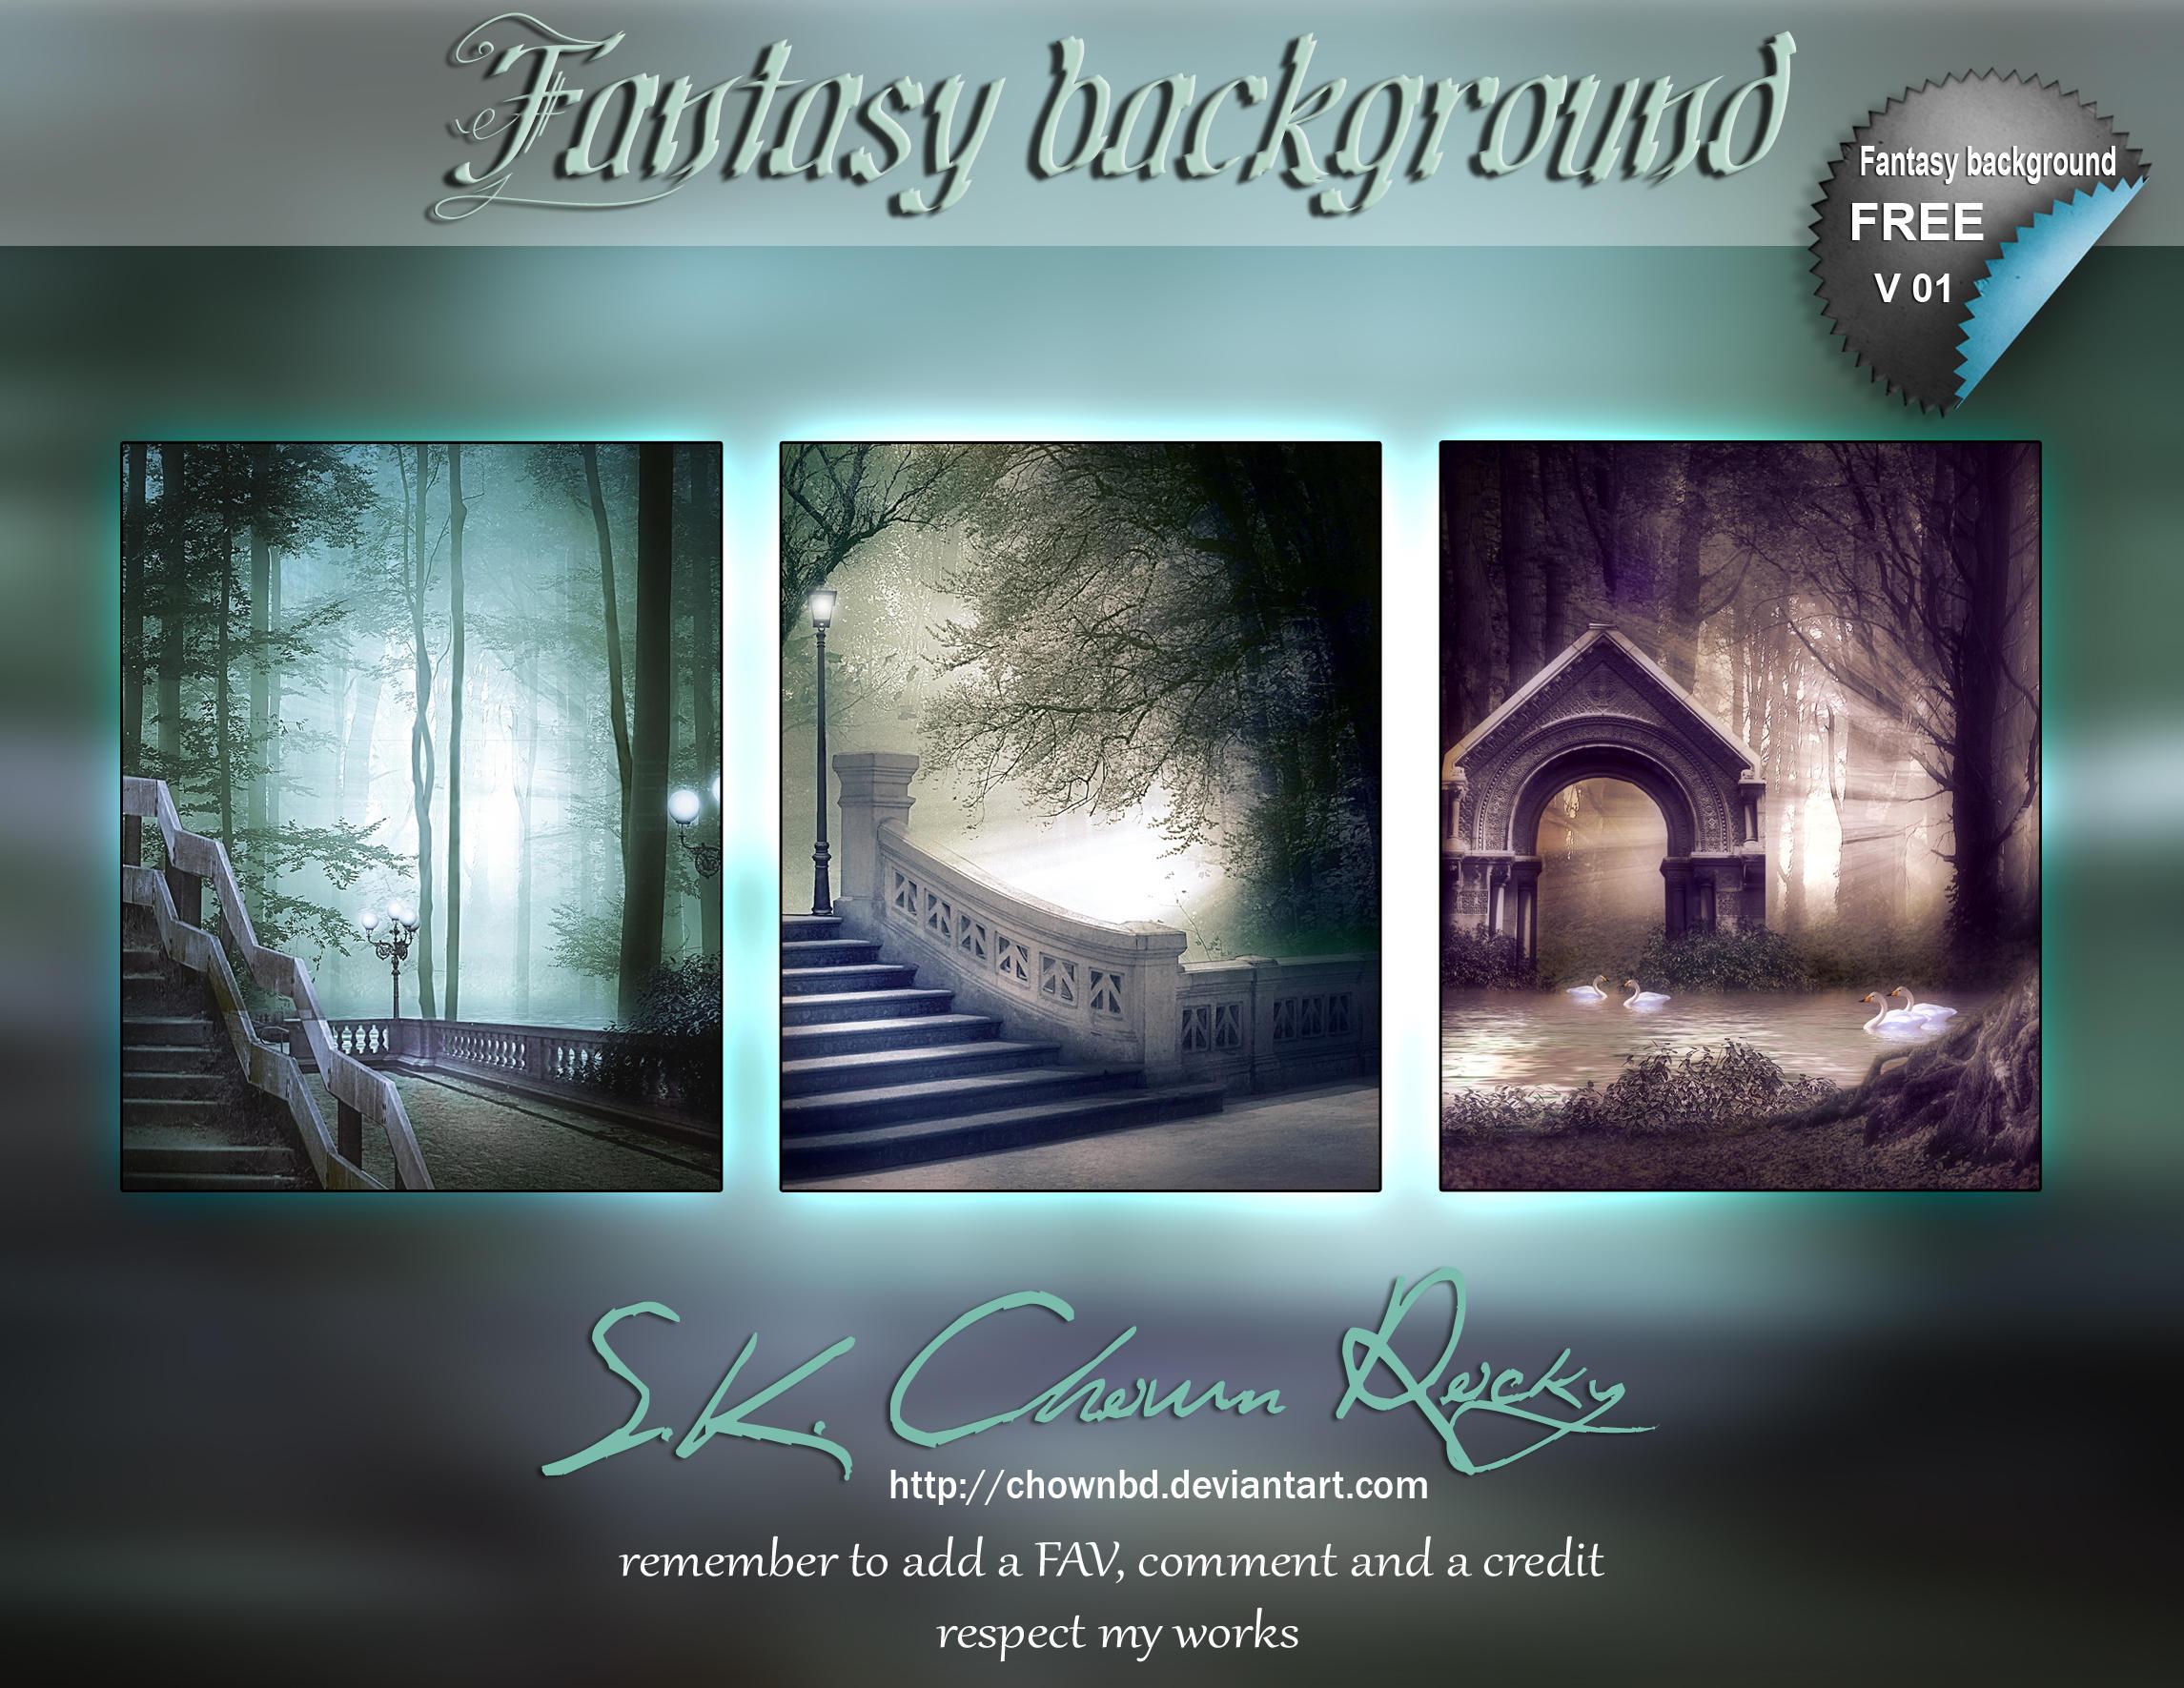 Fantasy background V01 by DIGI-3D